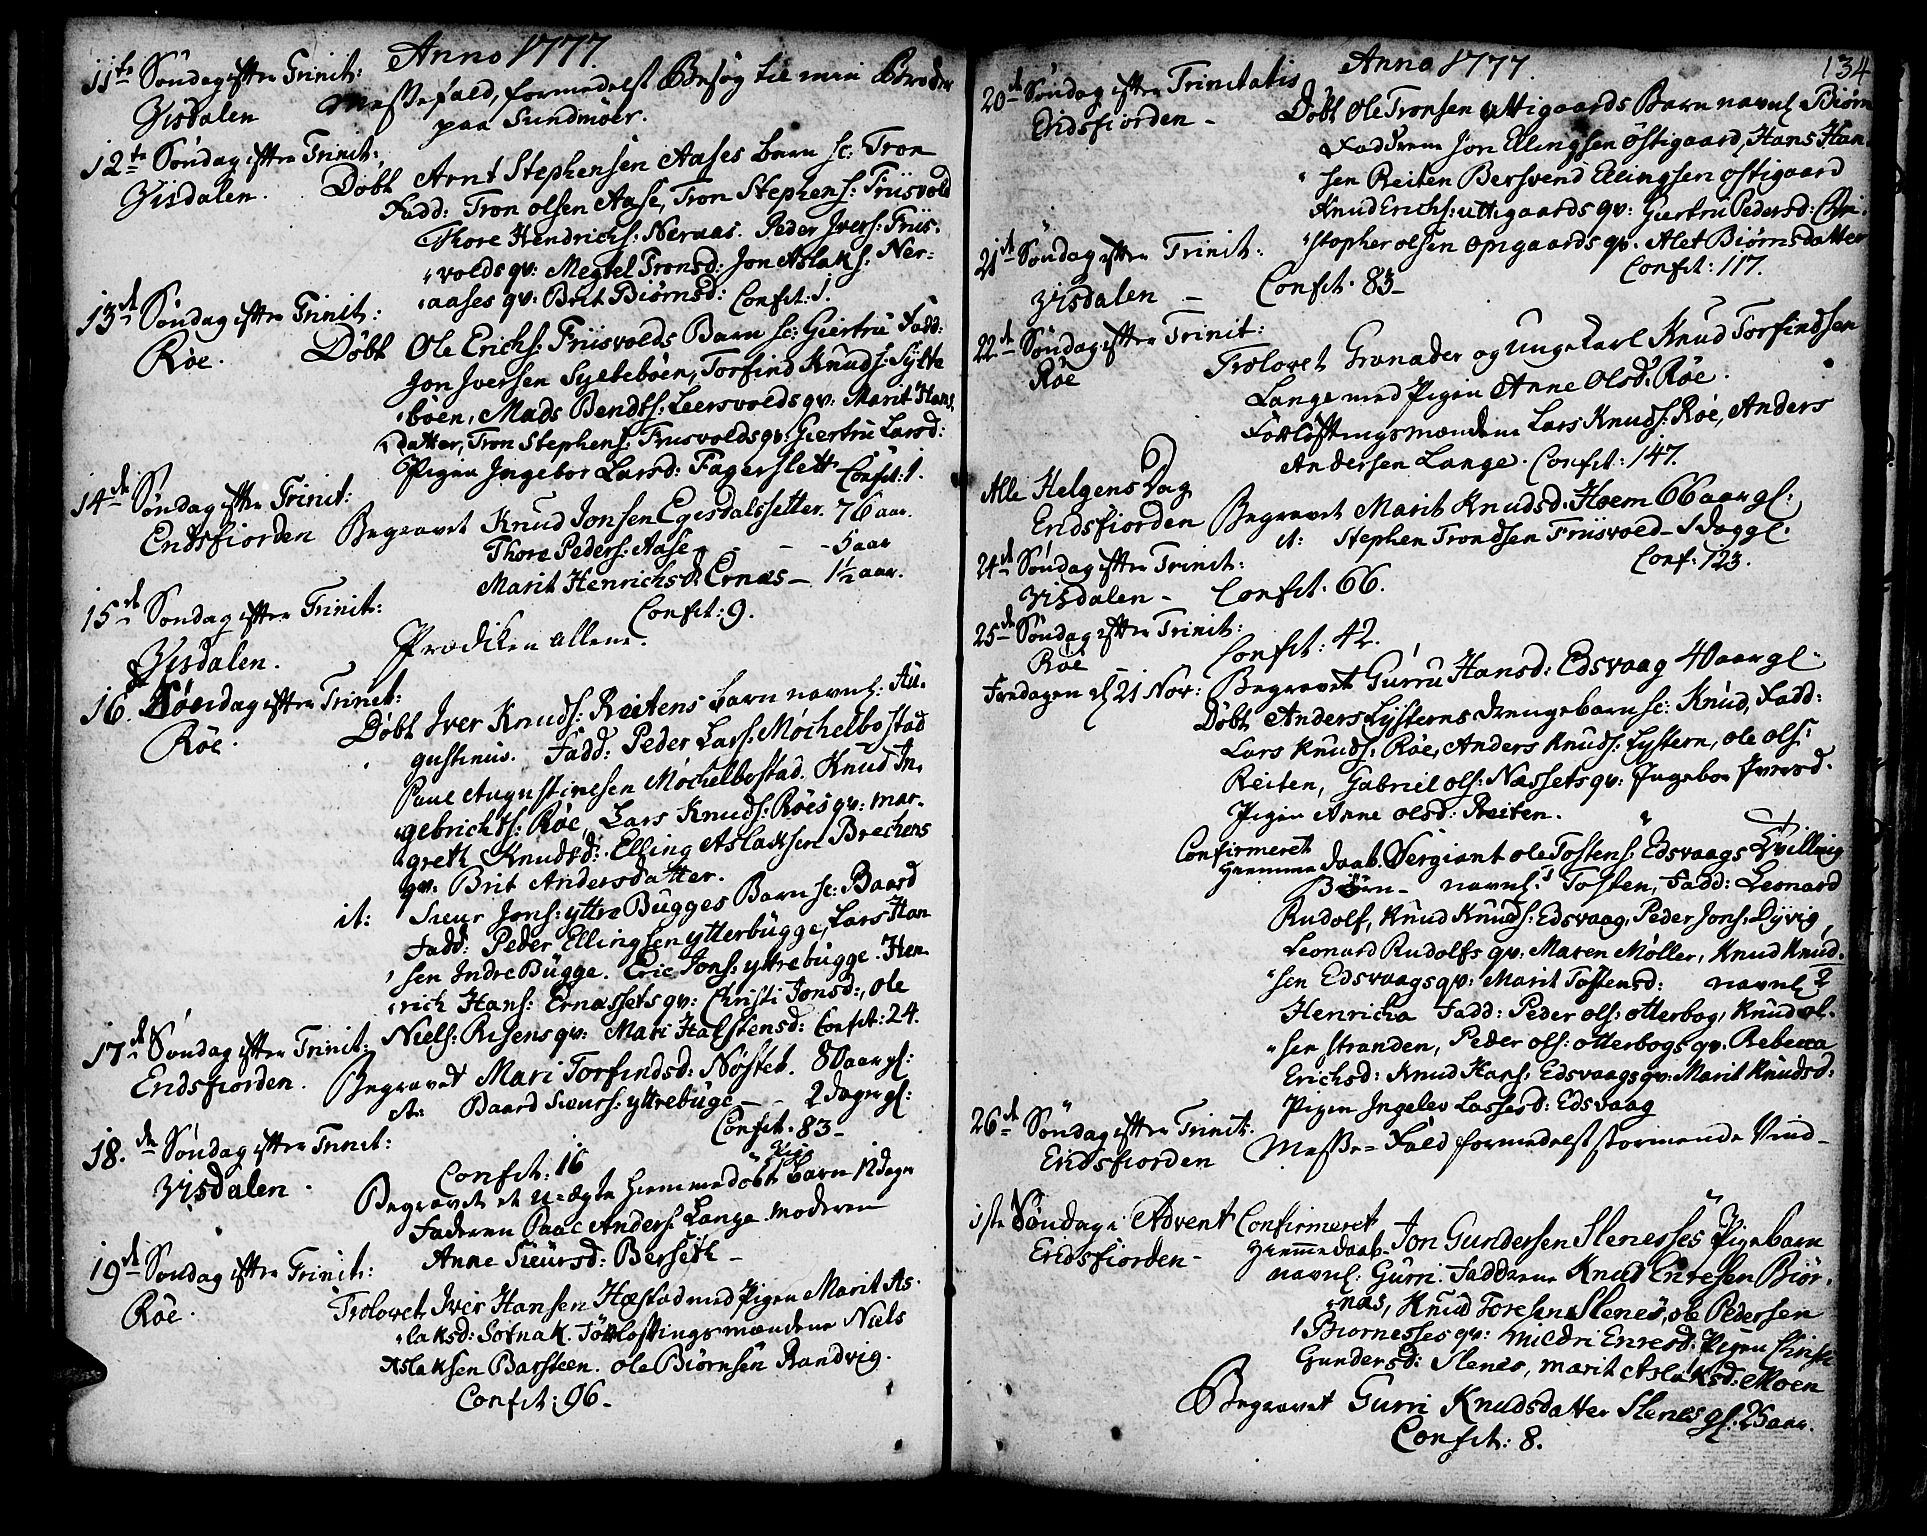 SAT, Ministerialprotokoller, klokkerbøker og fødselsregistre - Møre og Romsdal, 551/L0621: Ministerialbok nr. 551A01, 1757-1803, s. 134